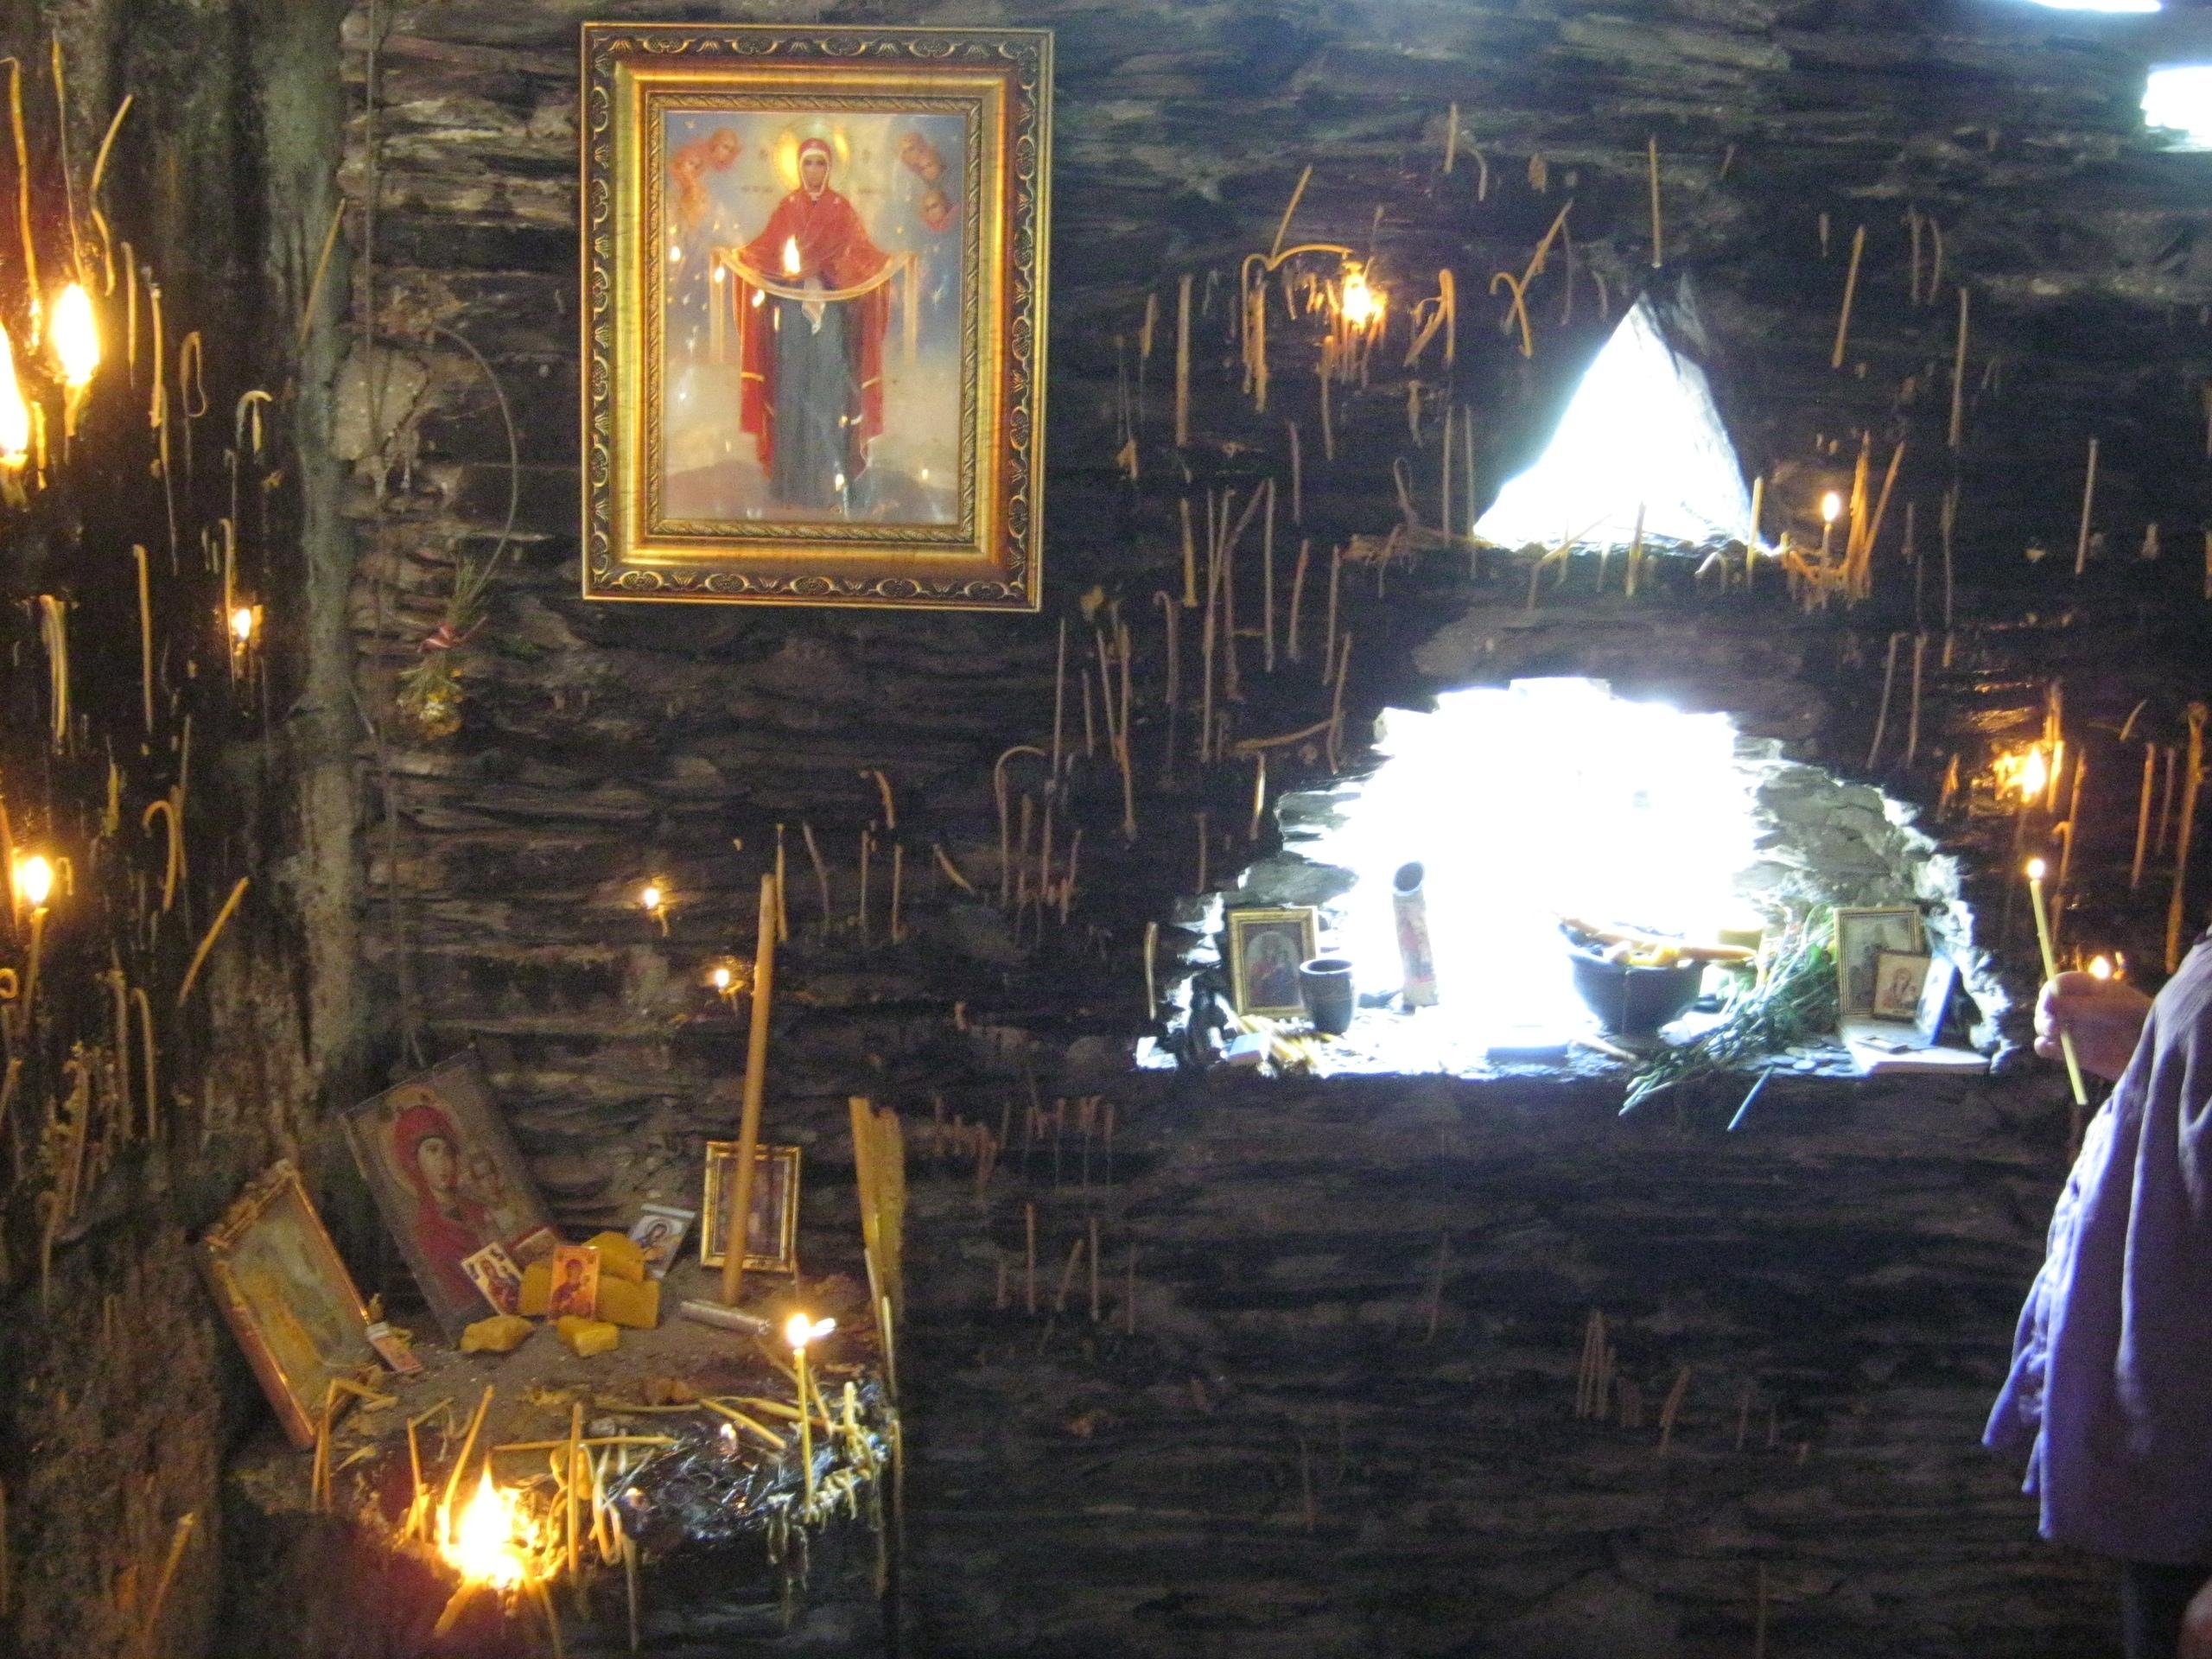 Свечкоставляние в церкви Квирике (12 века) во время праздника Квирикоба.